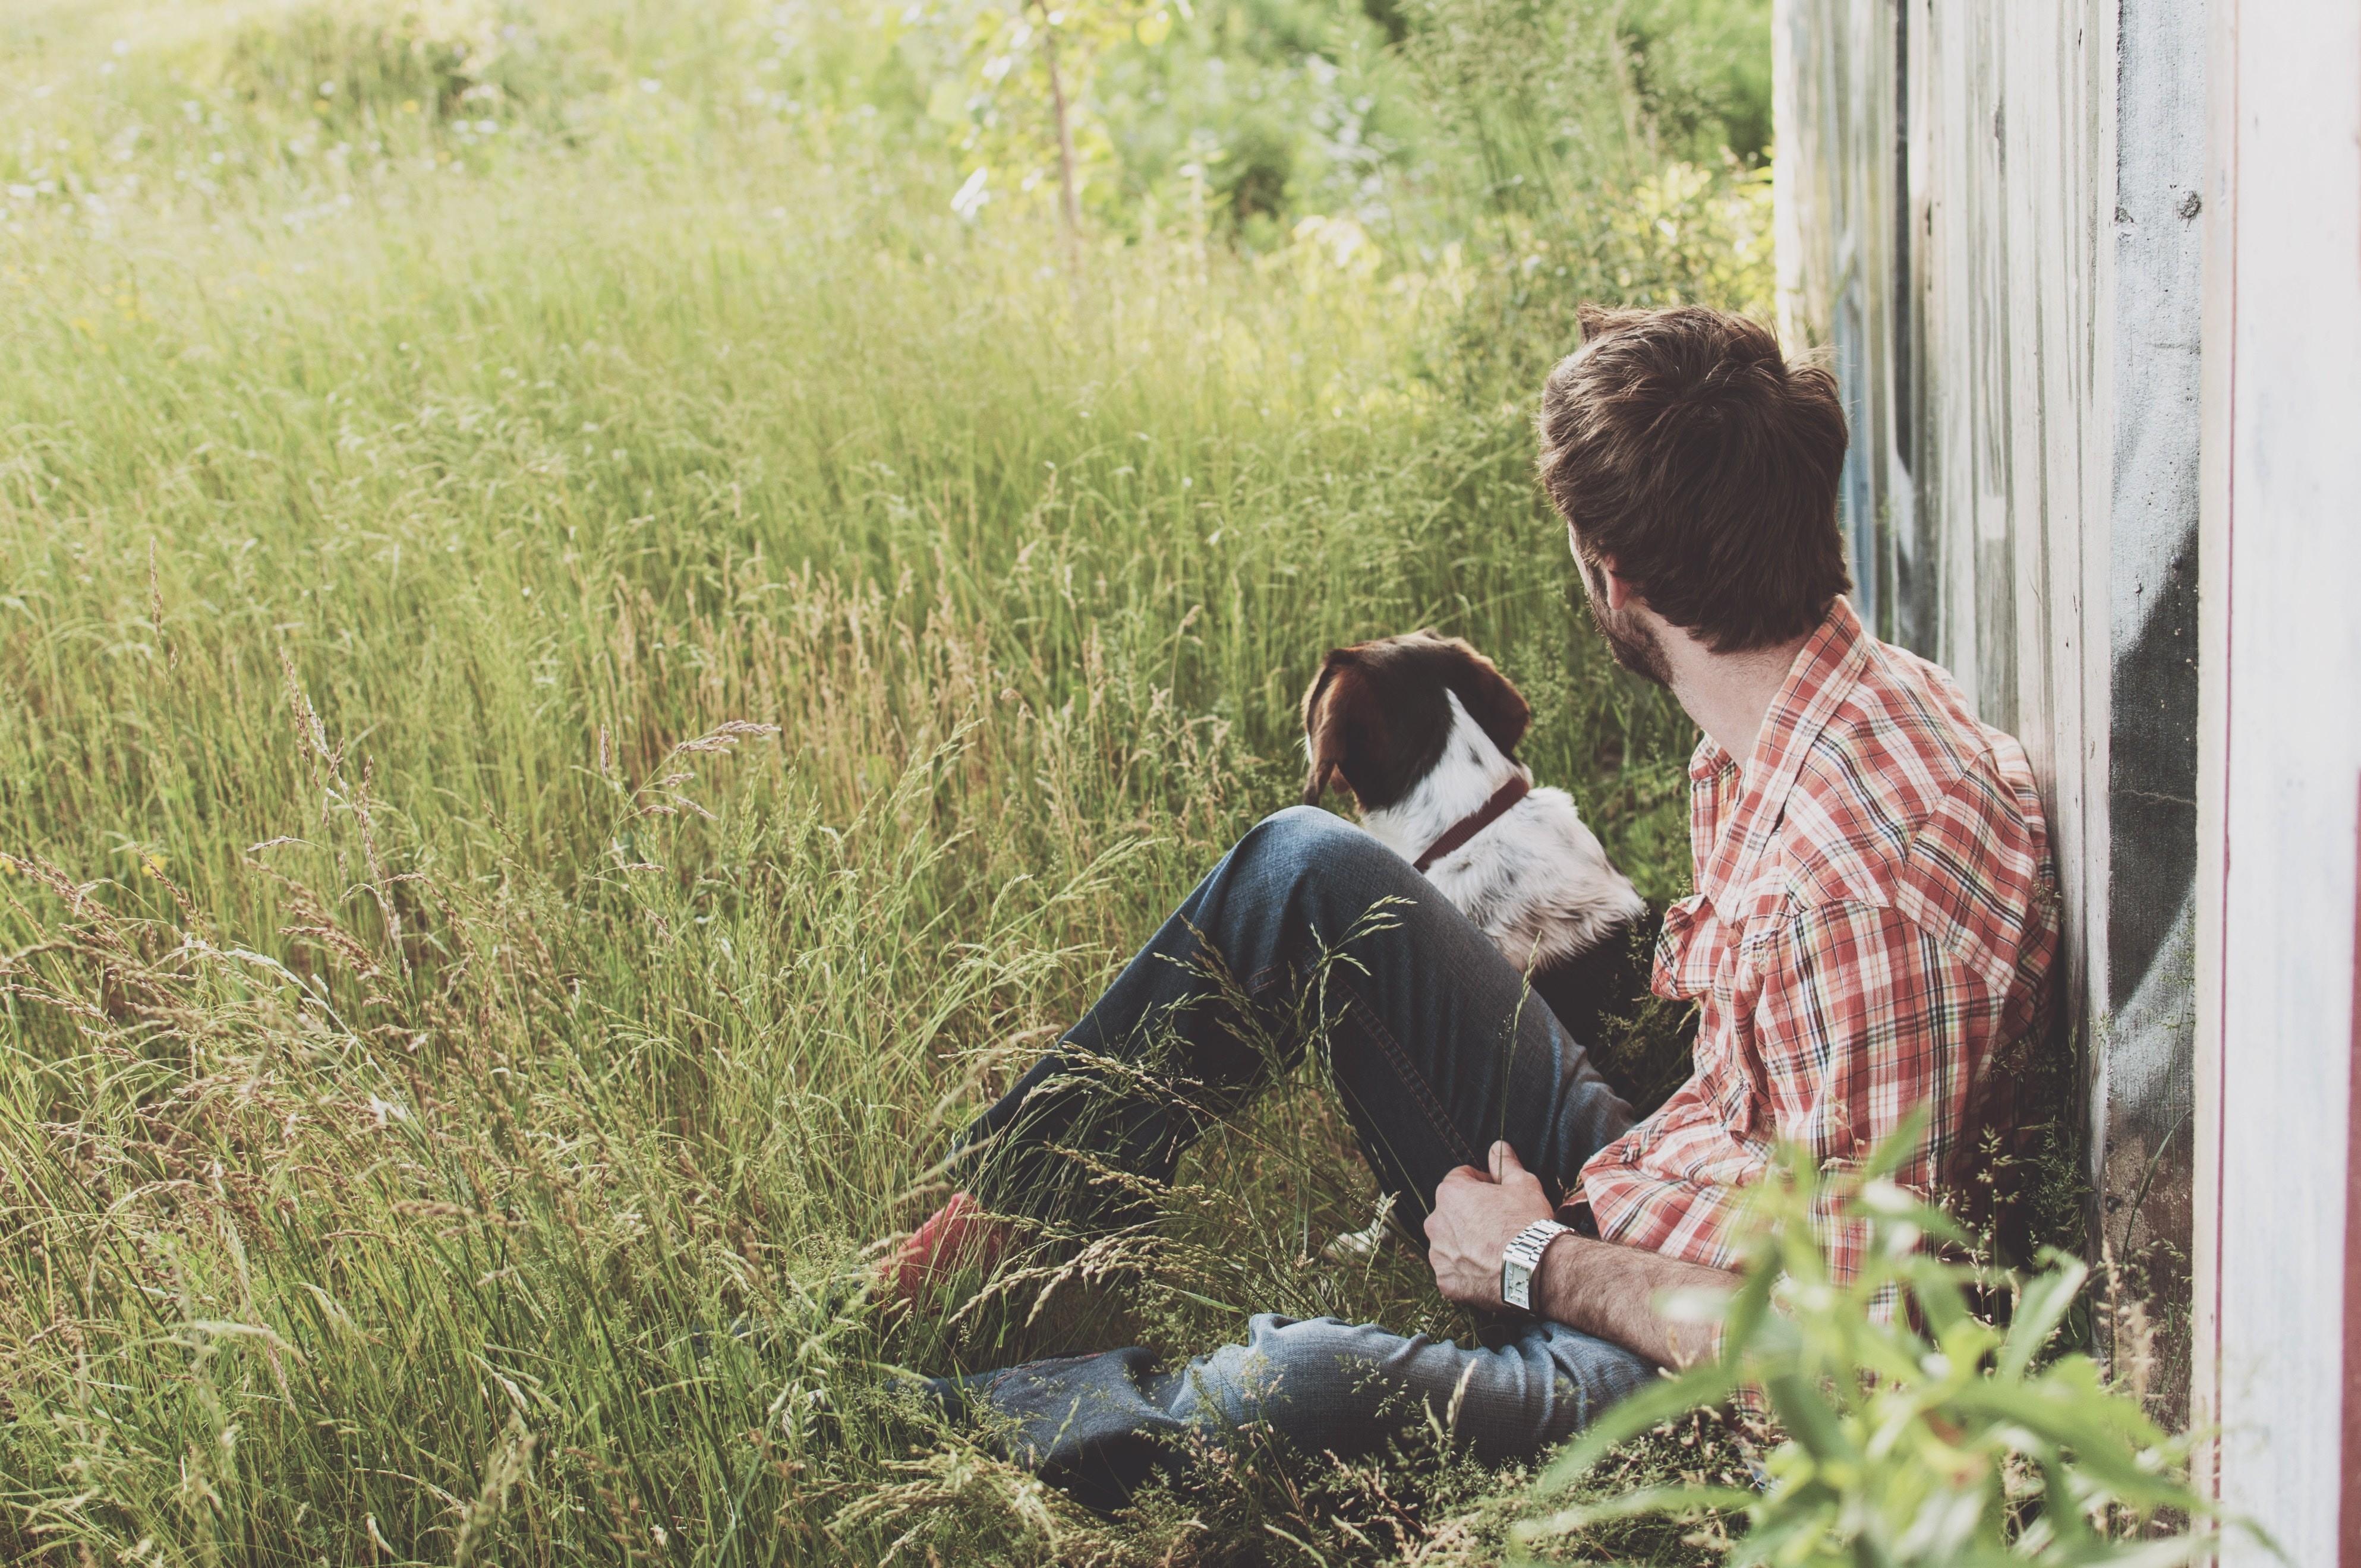 5 крутых идей, куда пойти на свидание и не проколоться, что у тебя нет денег